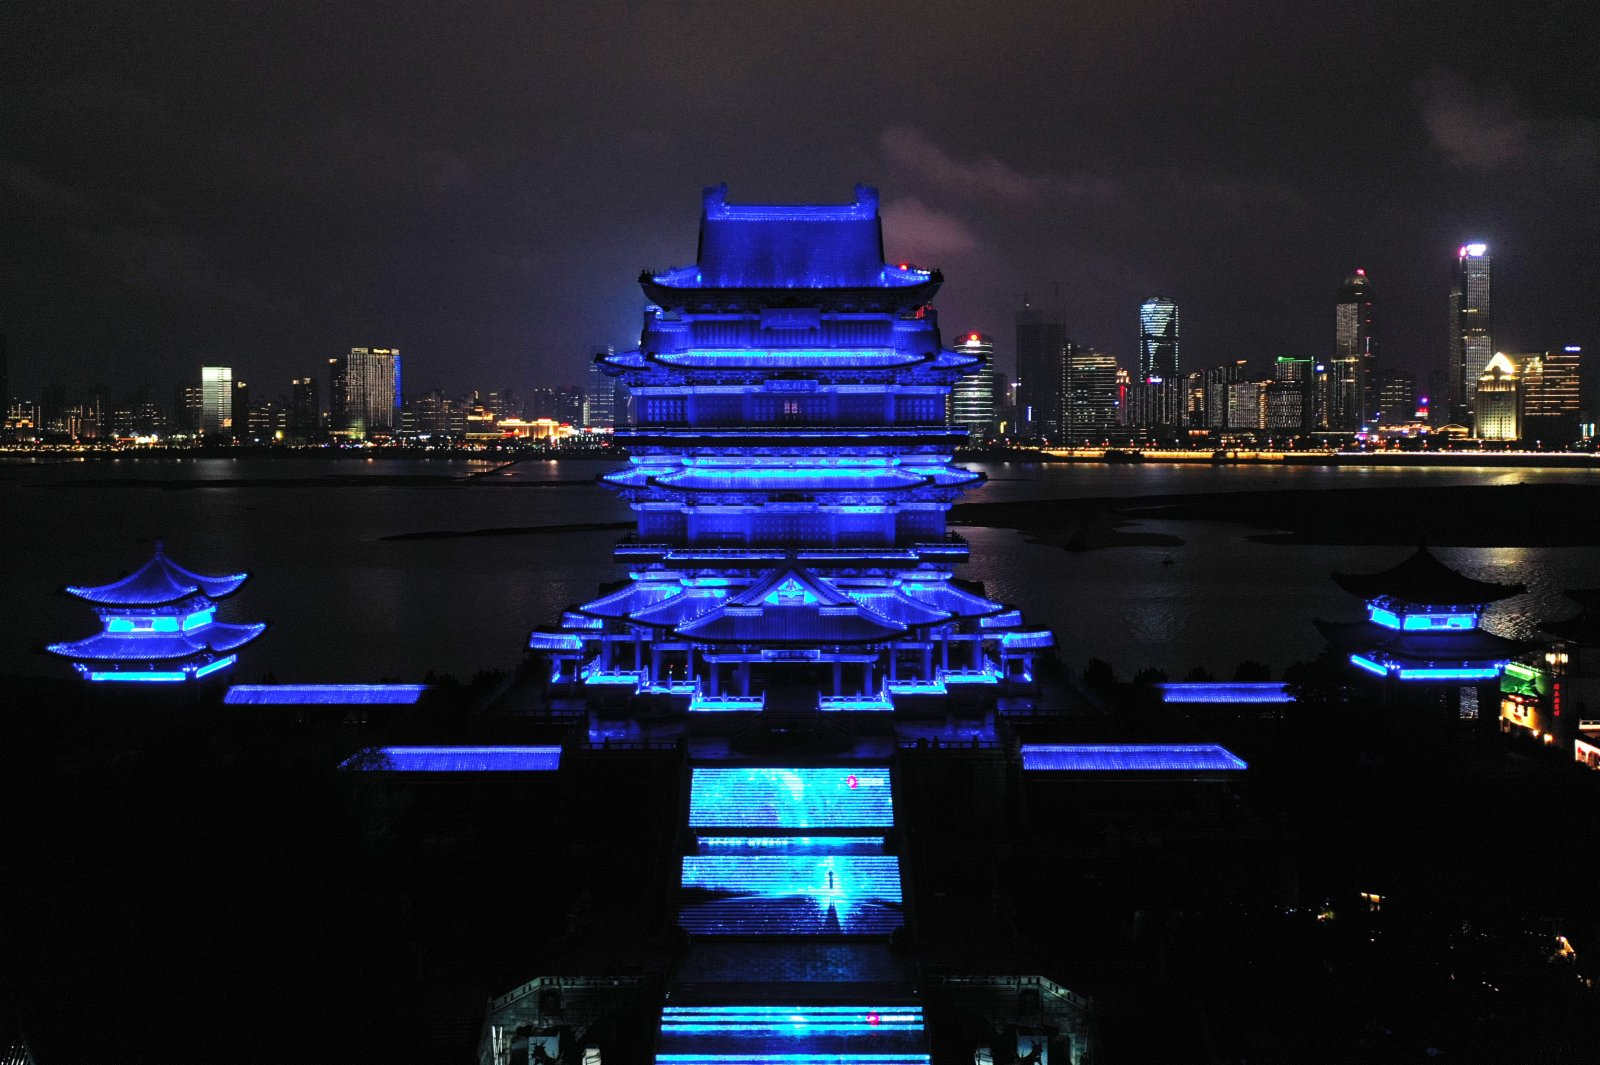 4月2日晚,江西南昌市滕王閣旅遊區聯合包括岳陽樓、黃鶴樓在內的中國18座歷史文化名樓,共同「點亮藍燈」,號召社會關注自閉症群體,呼籲公眾關愛「星星的孩子」。中新社